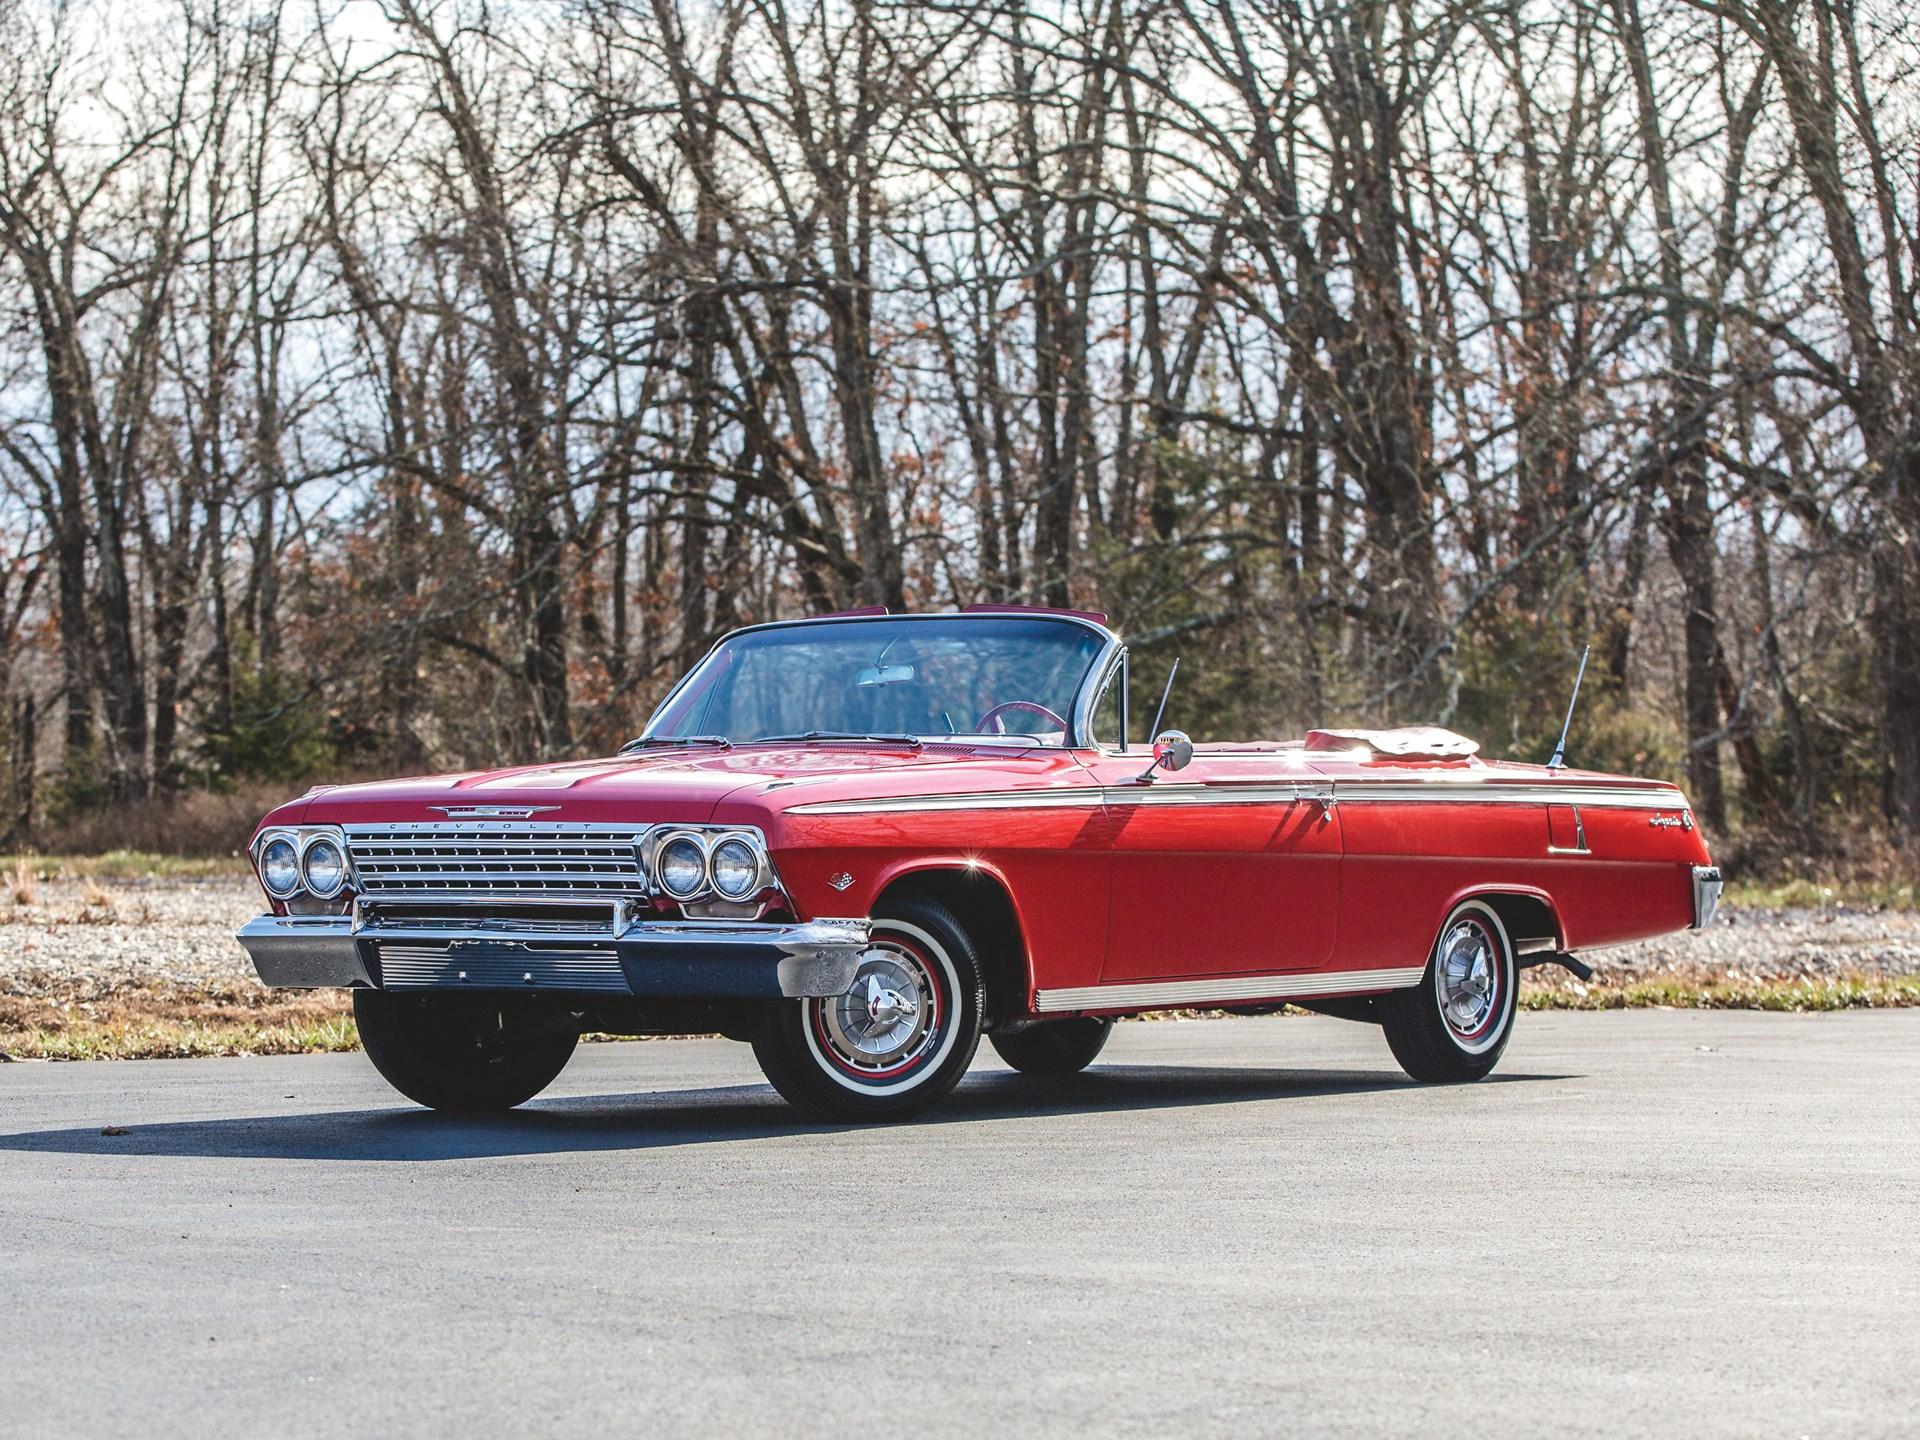 1962 Chevrolet Impala SS for Sale   ClassicCars.com   CC ...  Impala Ss 1962